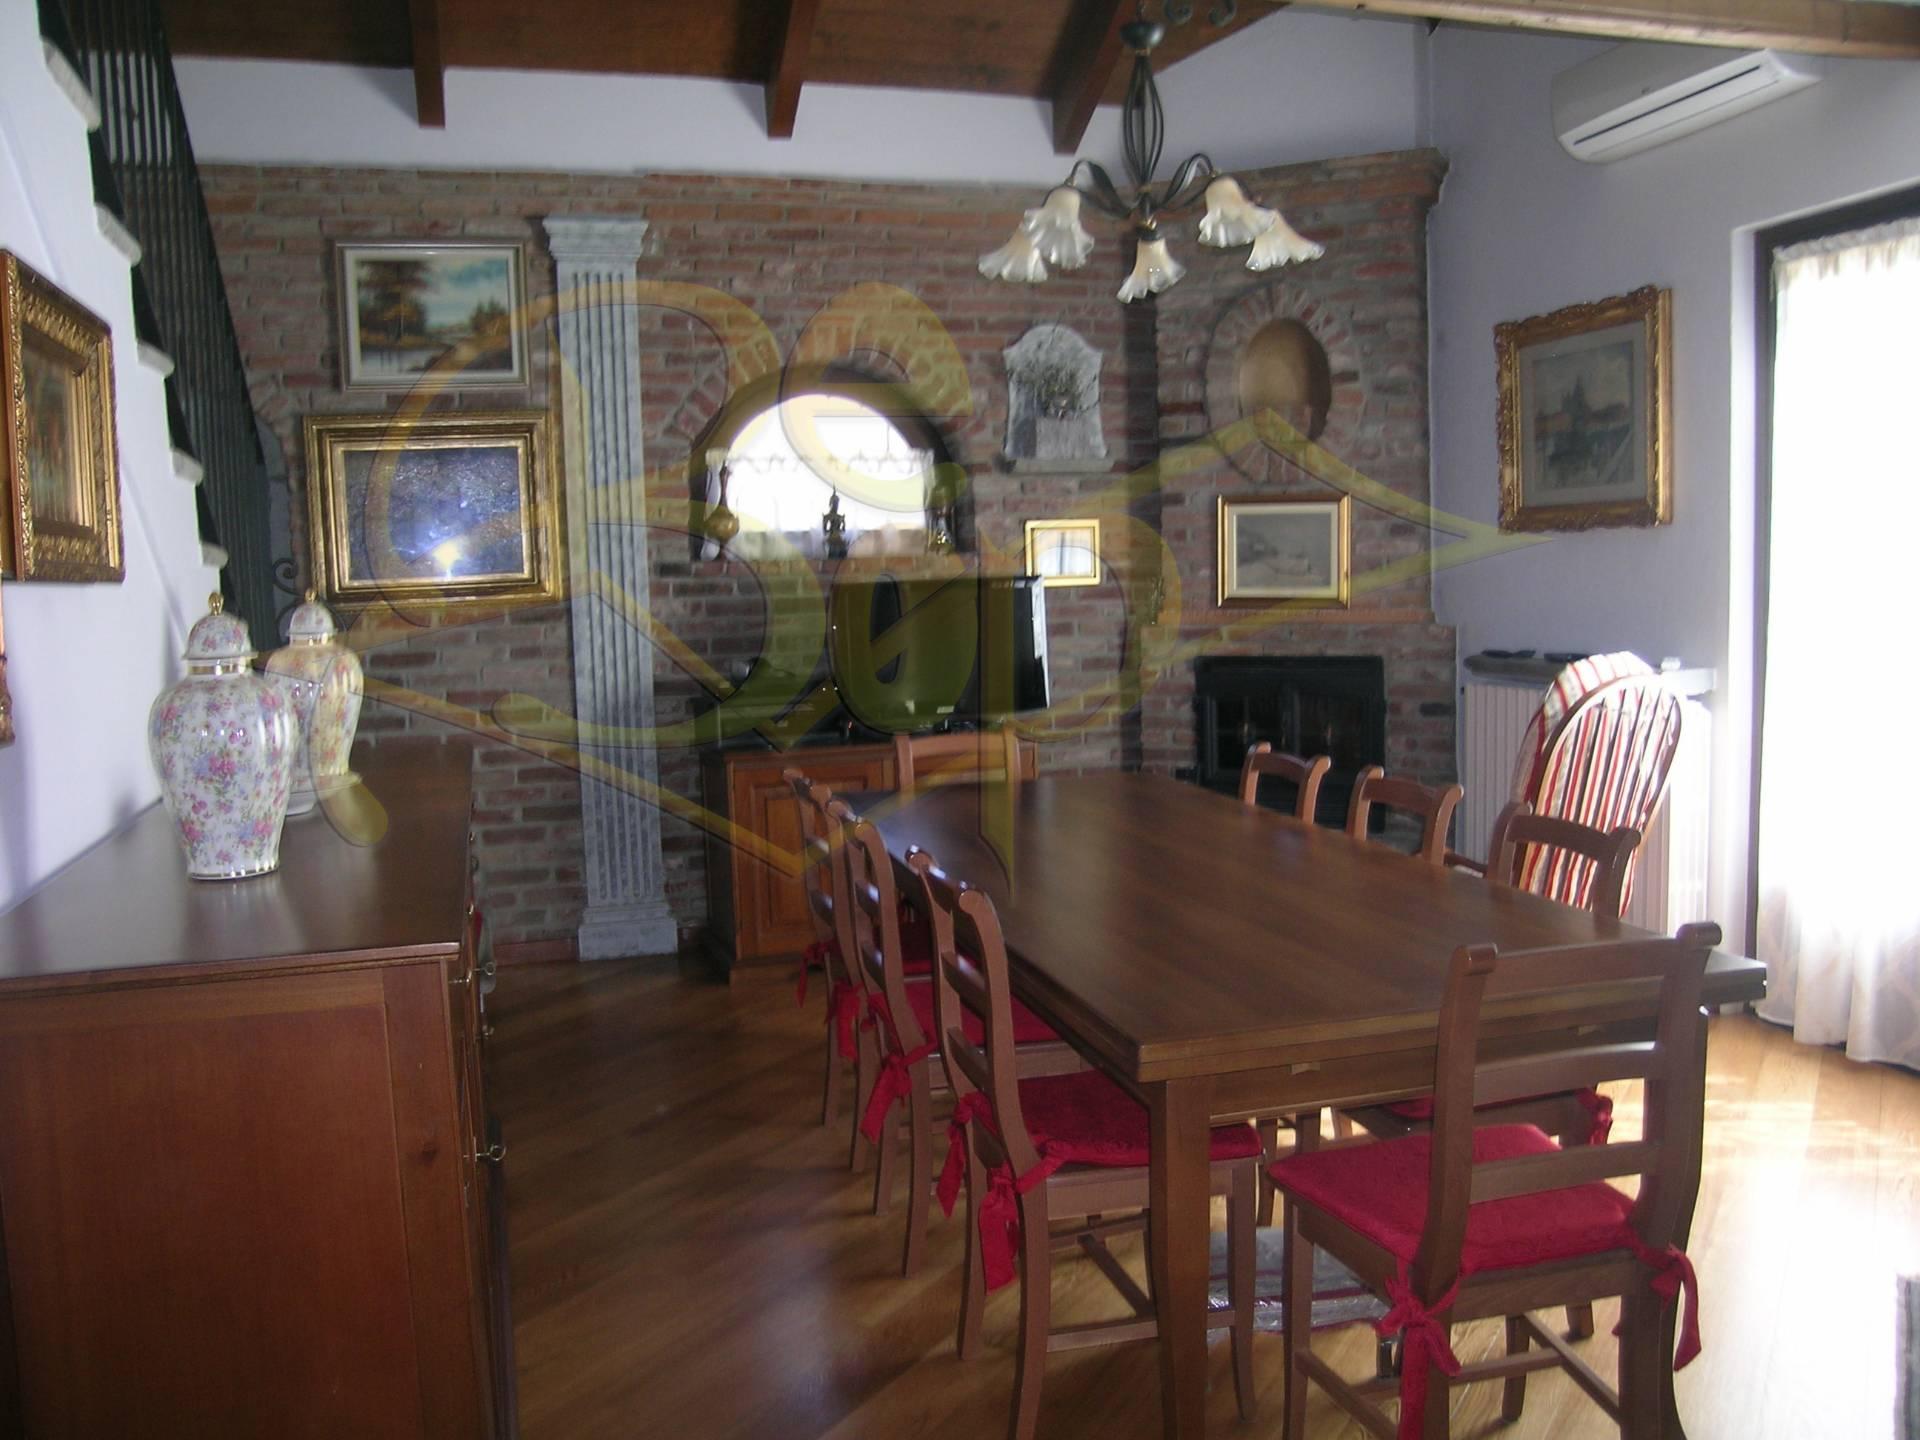 Rustico / Casale in vendita a Rivoli, 4 locali, prezzo € 300.000 | Cambio Casa.it